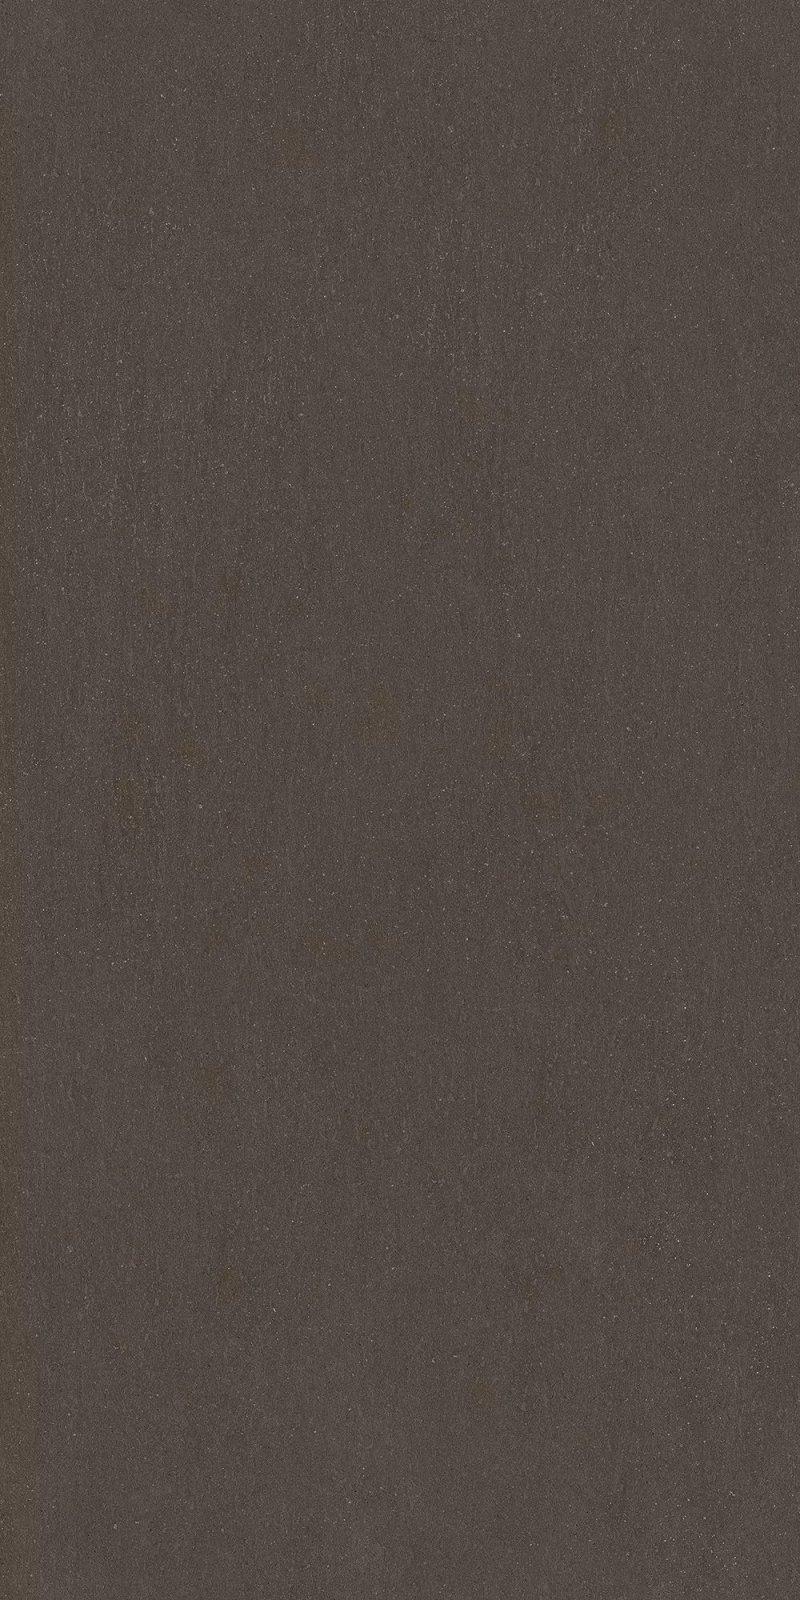 大将军瓷砖图片星际系列 现代北欧风格陶瓷效果图